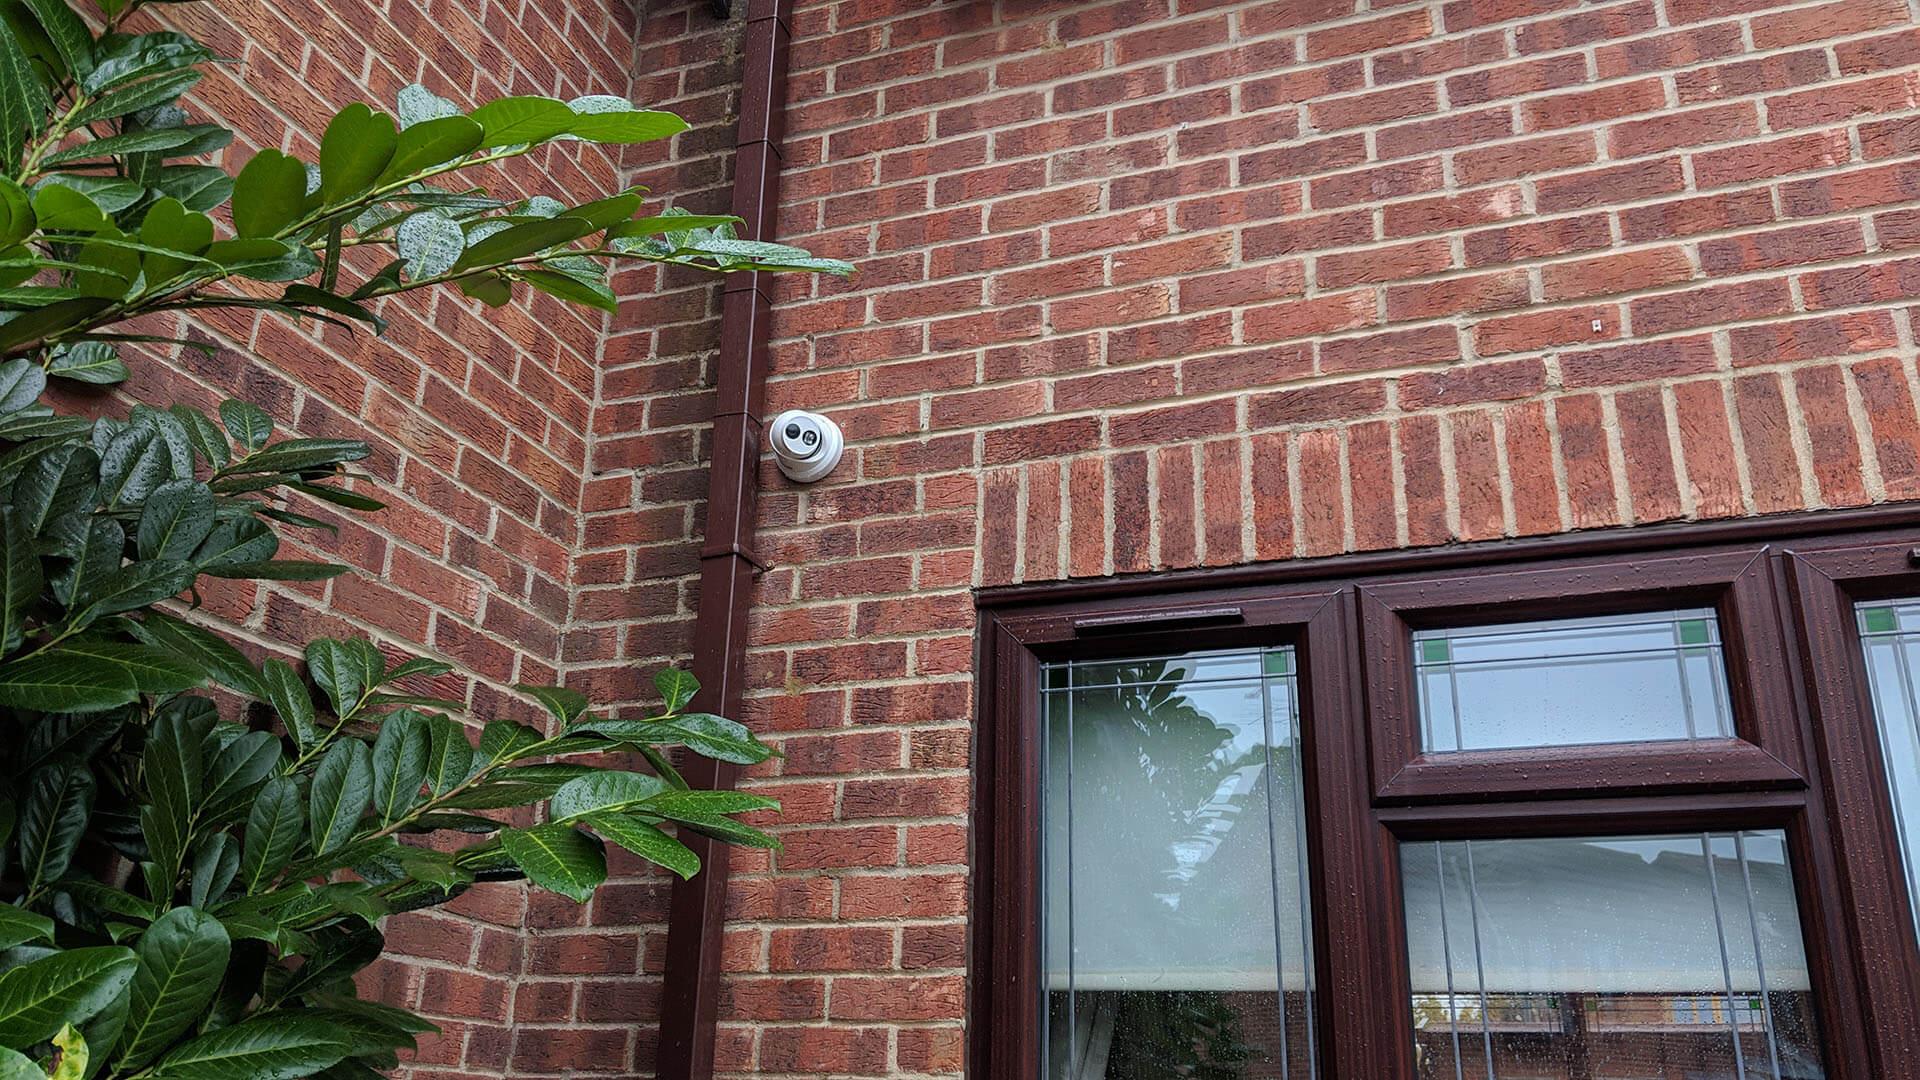 4K CCTV Installation in Wickford